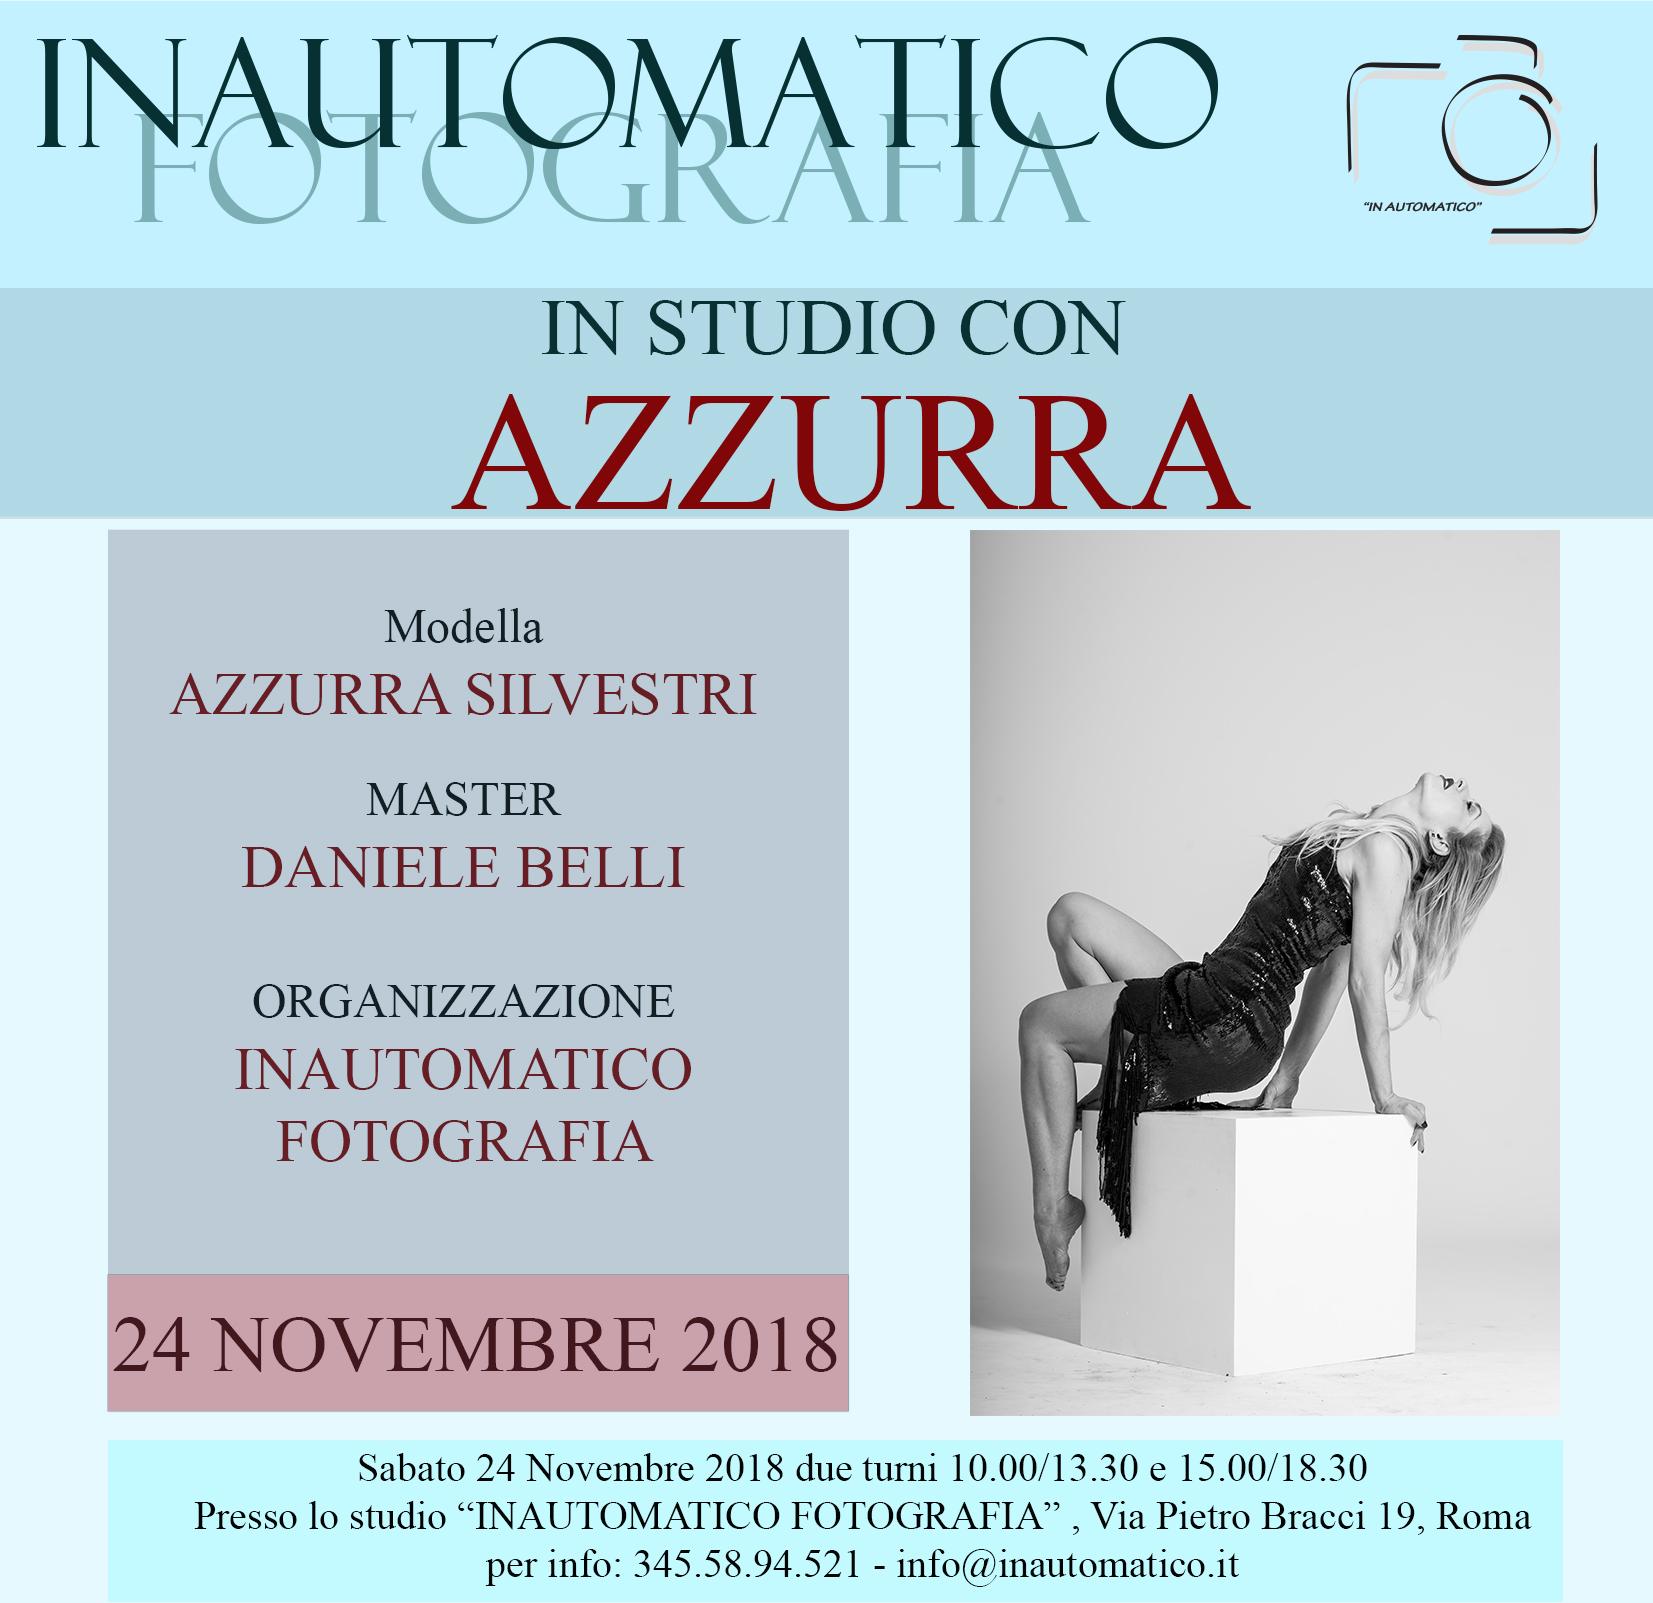 In studio con Azzurra